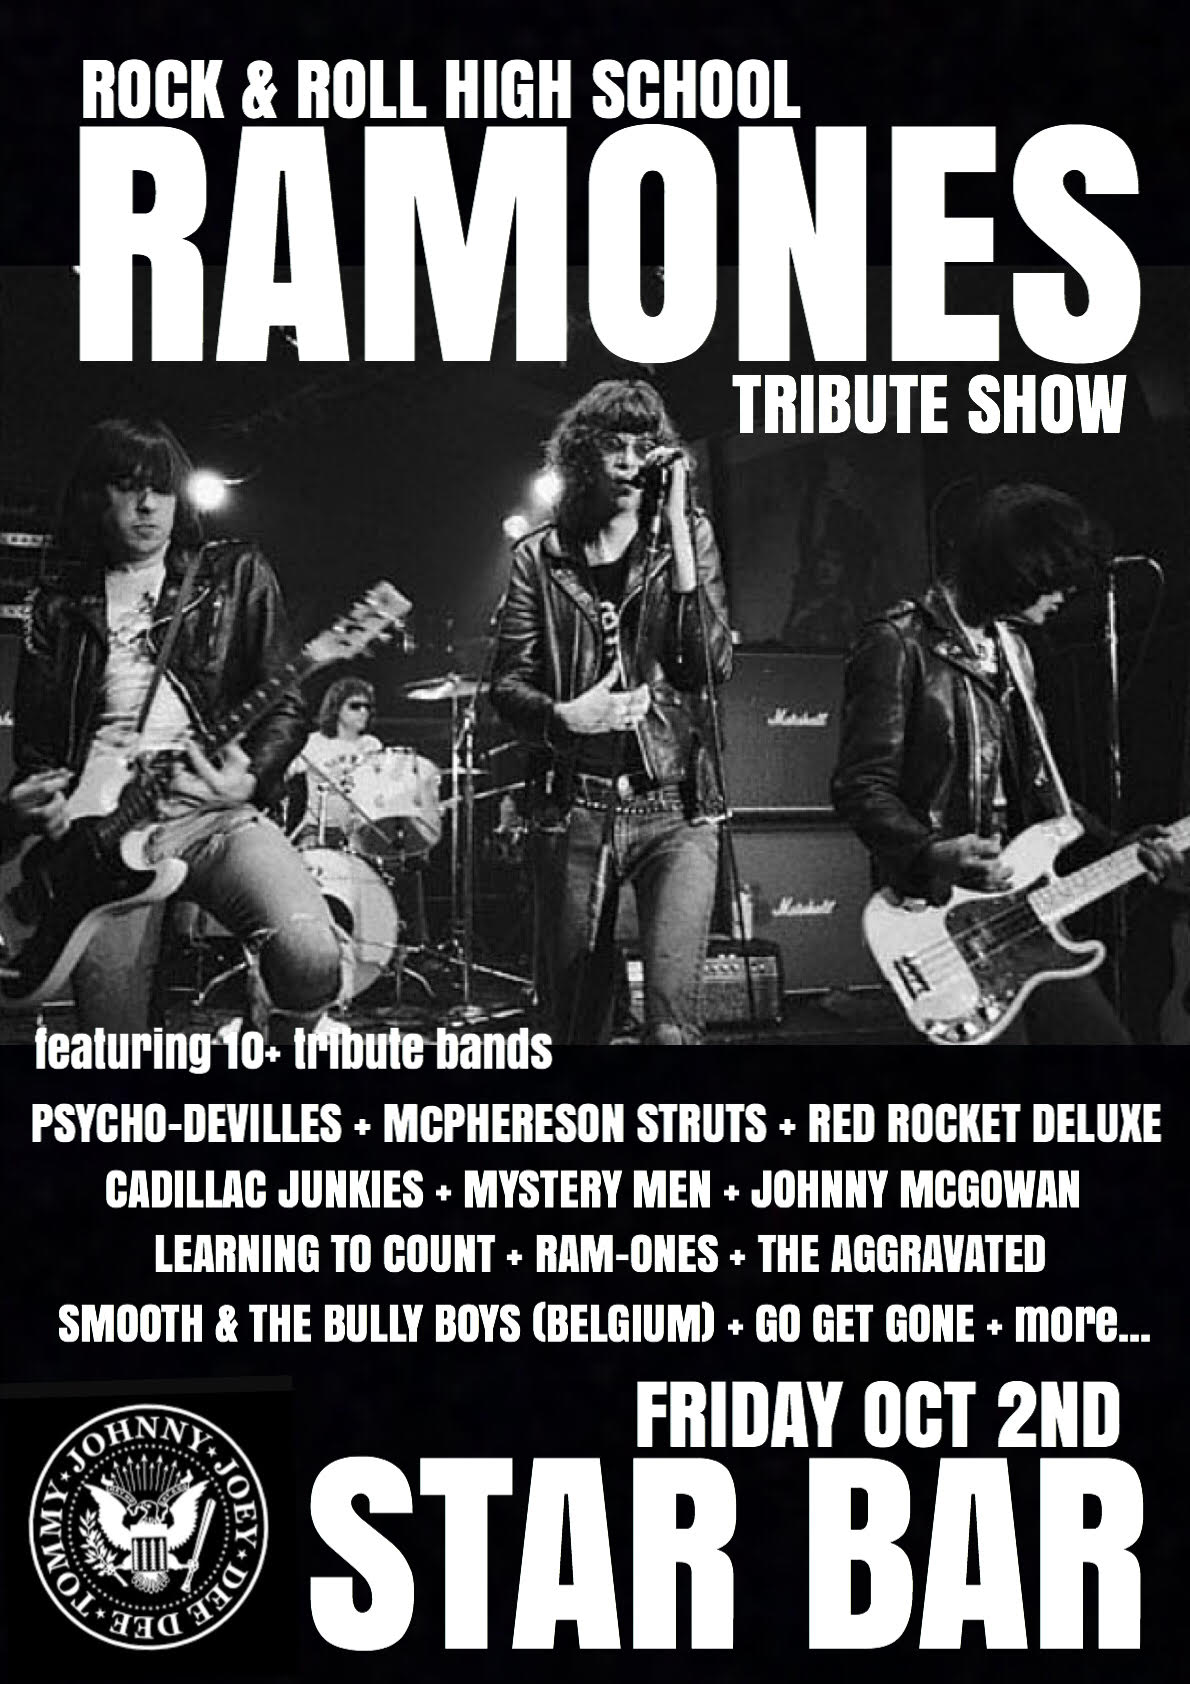 RamonesTribute.jpg